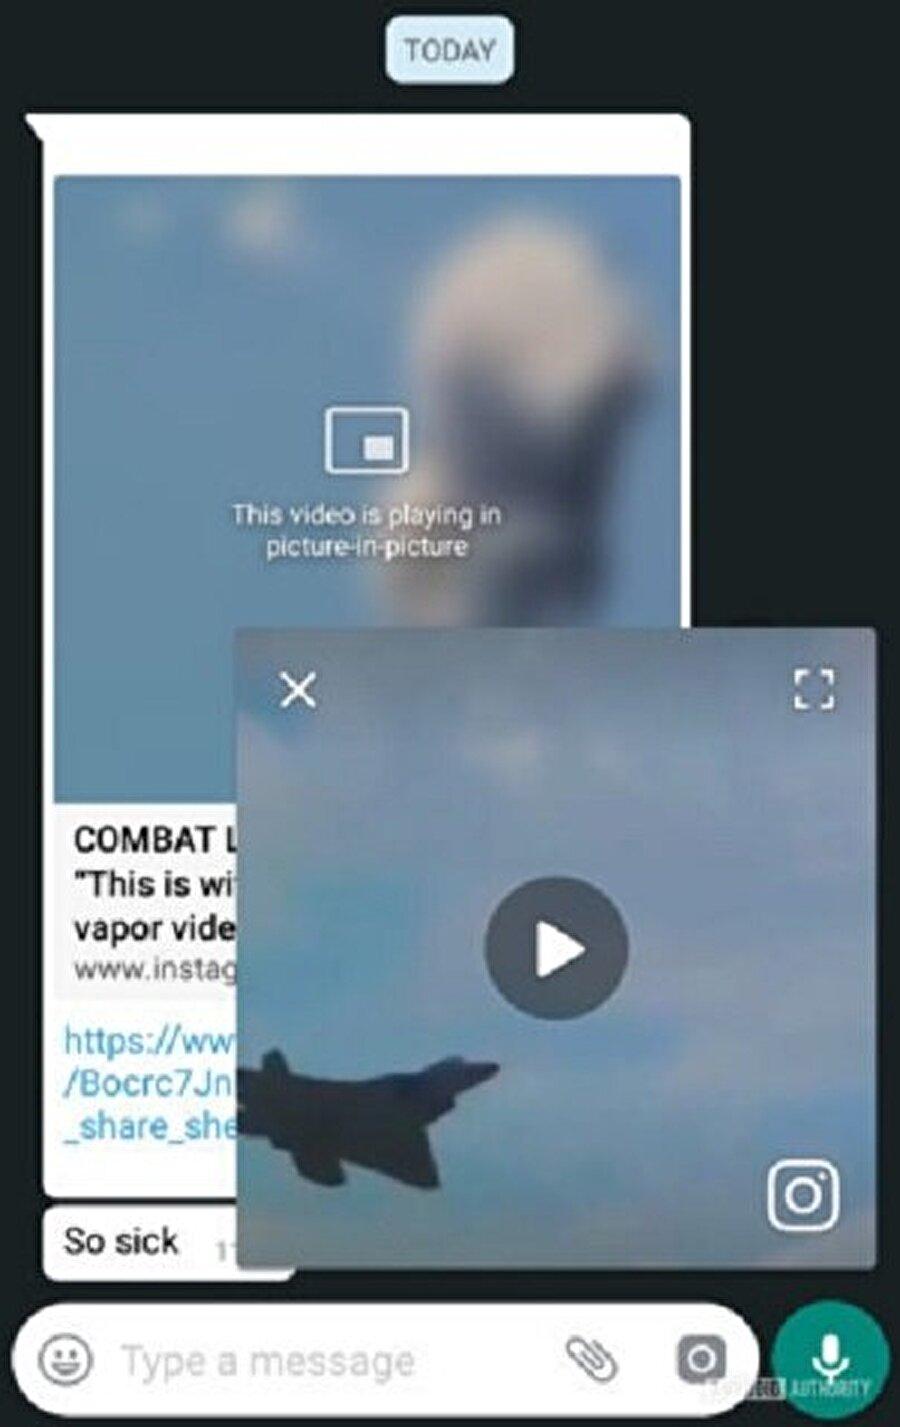 WhatsApp'taki ufak video penceresinde tamamen kapatma ya da tam ekran yapma gibi özellikler de sunuluyor.